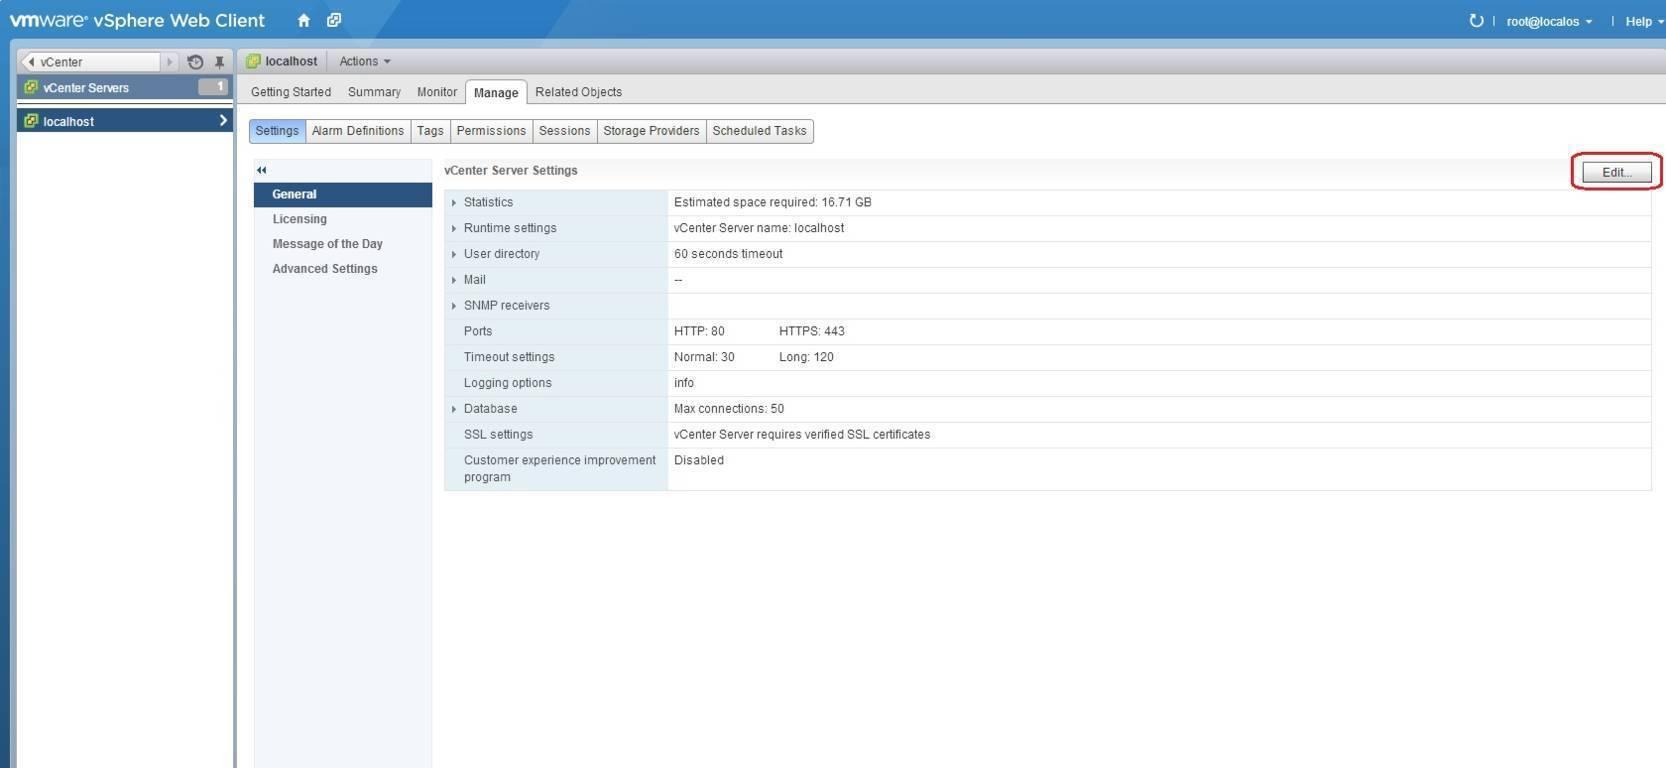 edit vcenter server settings